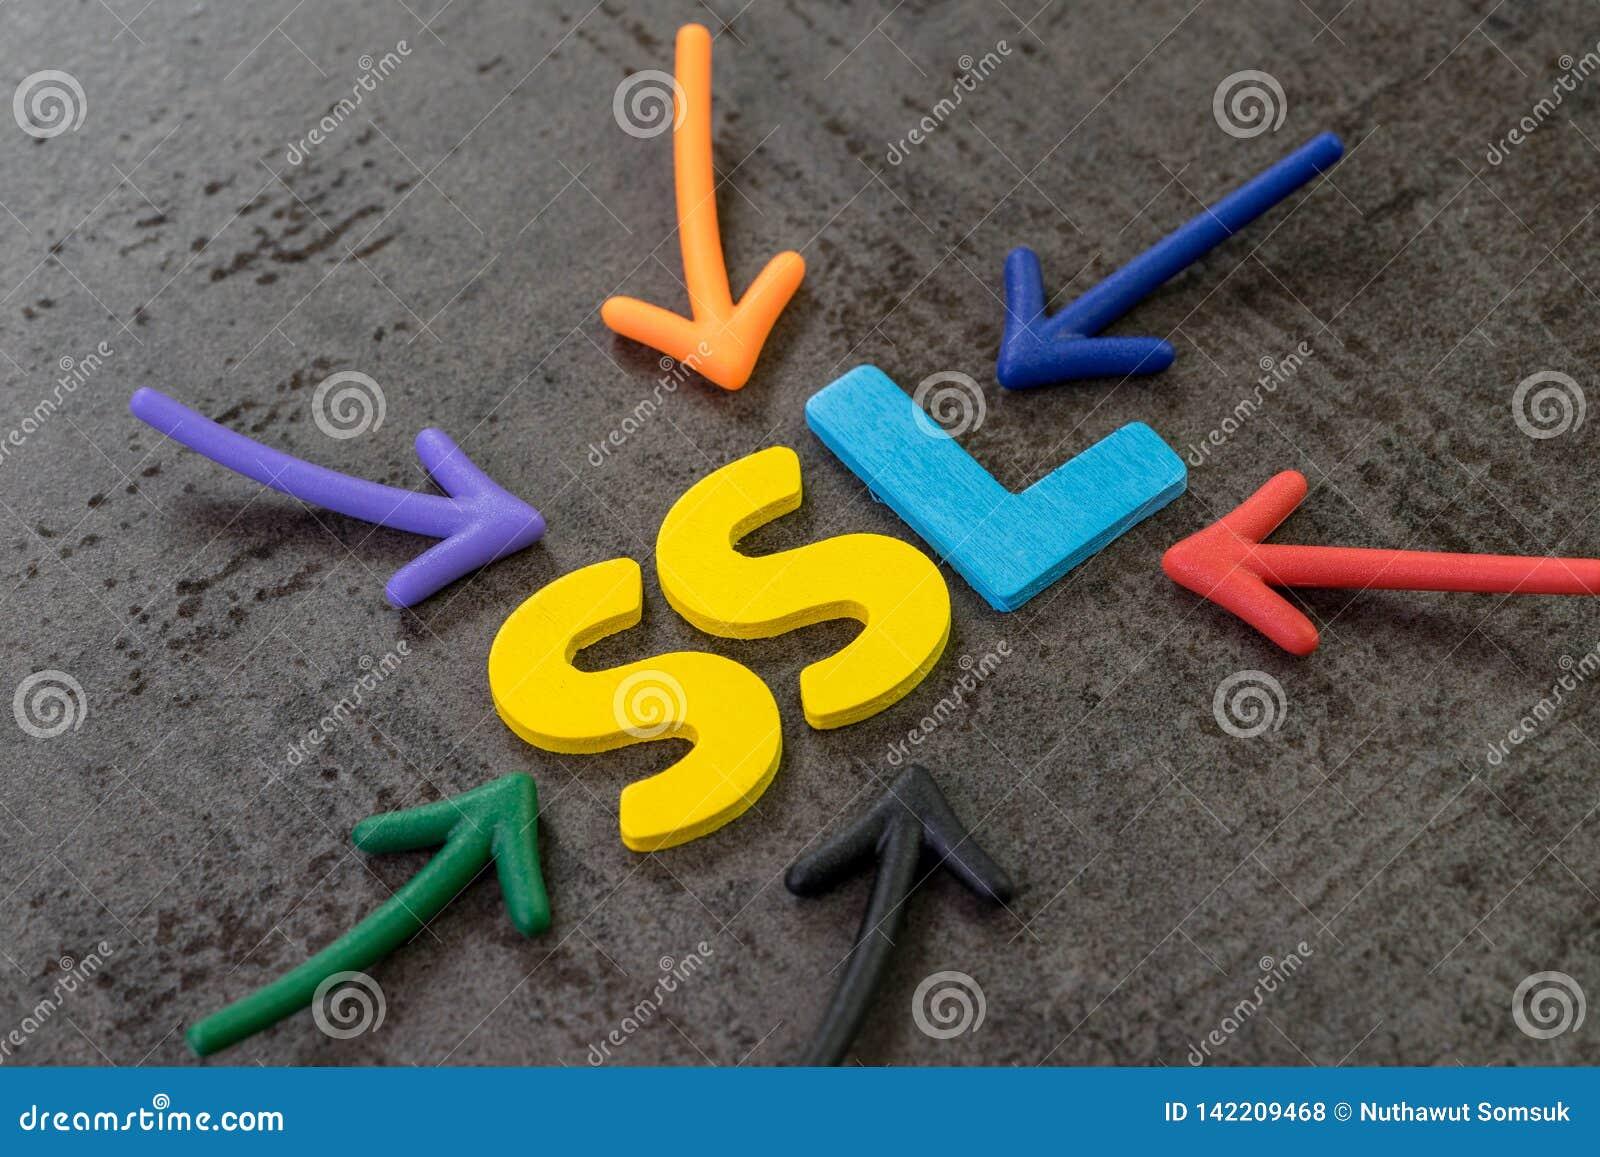 SSL Secure Sockets Layer begrepp, mång- färgpilar som pekar till ordet SSL på mitten av den svarta svart tavlaväggen för cement,